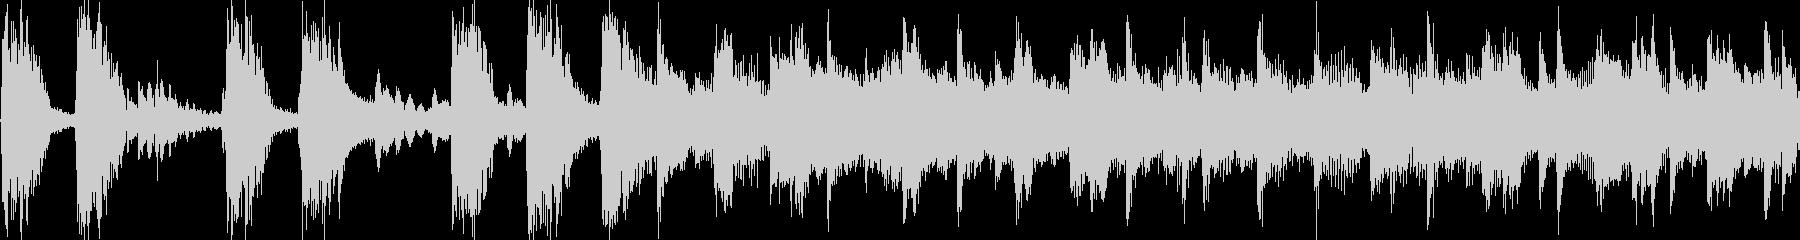 印象に残るロックジングル_ループの未再生の波形